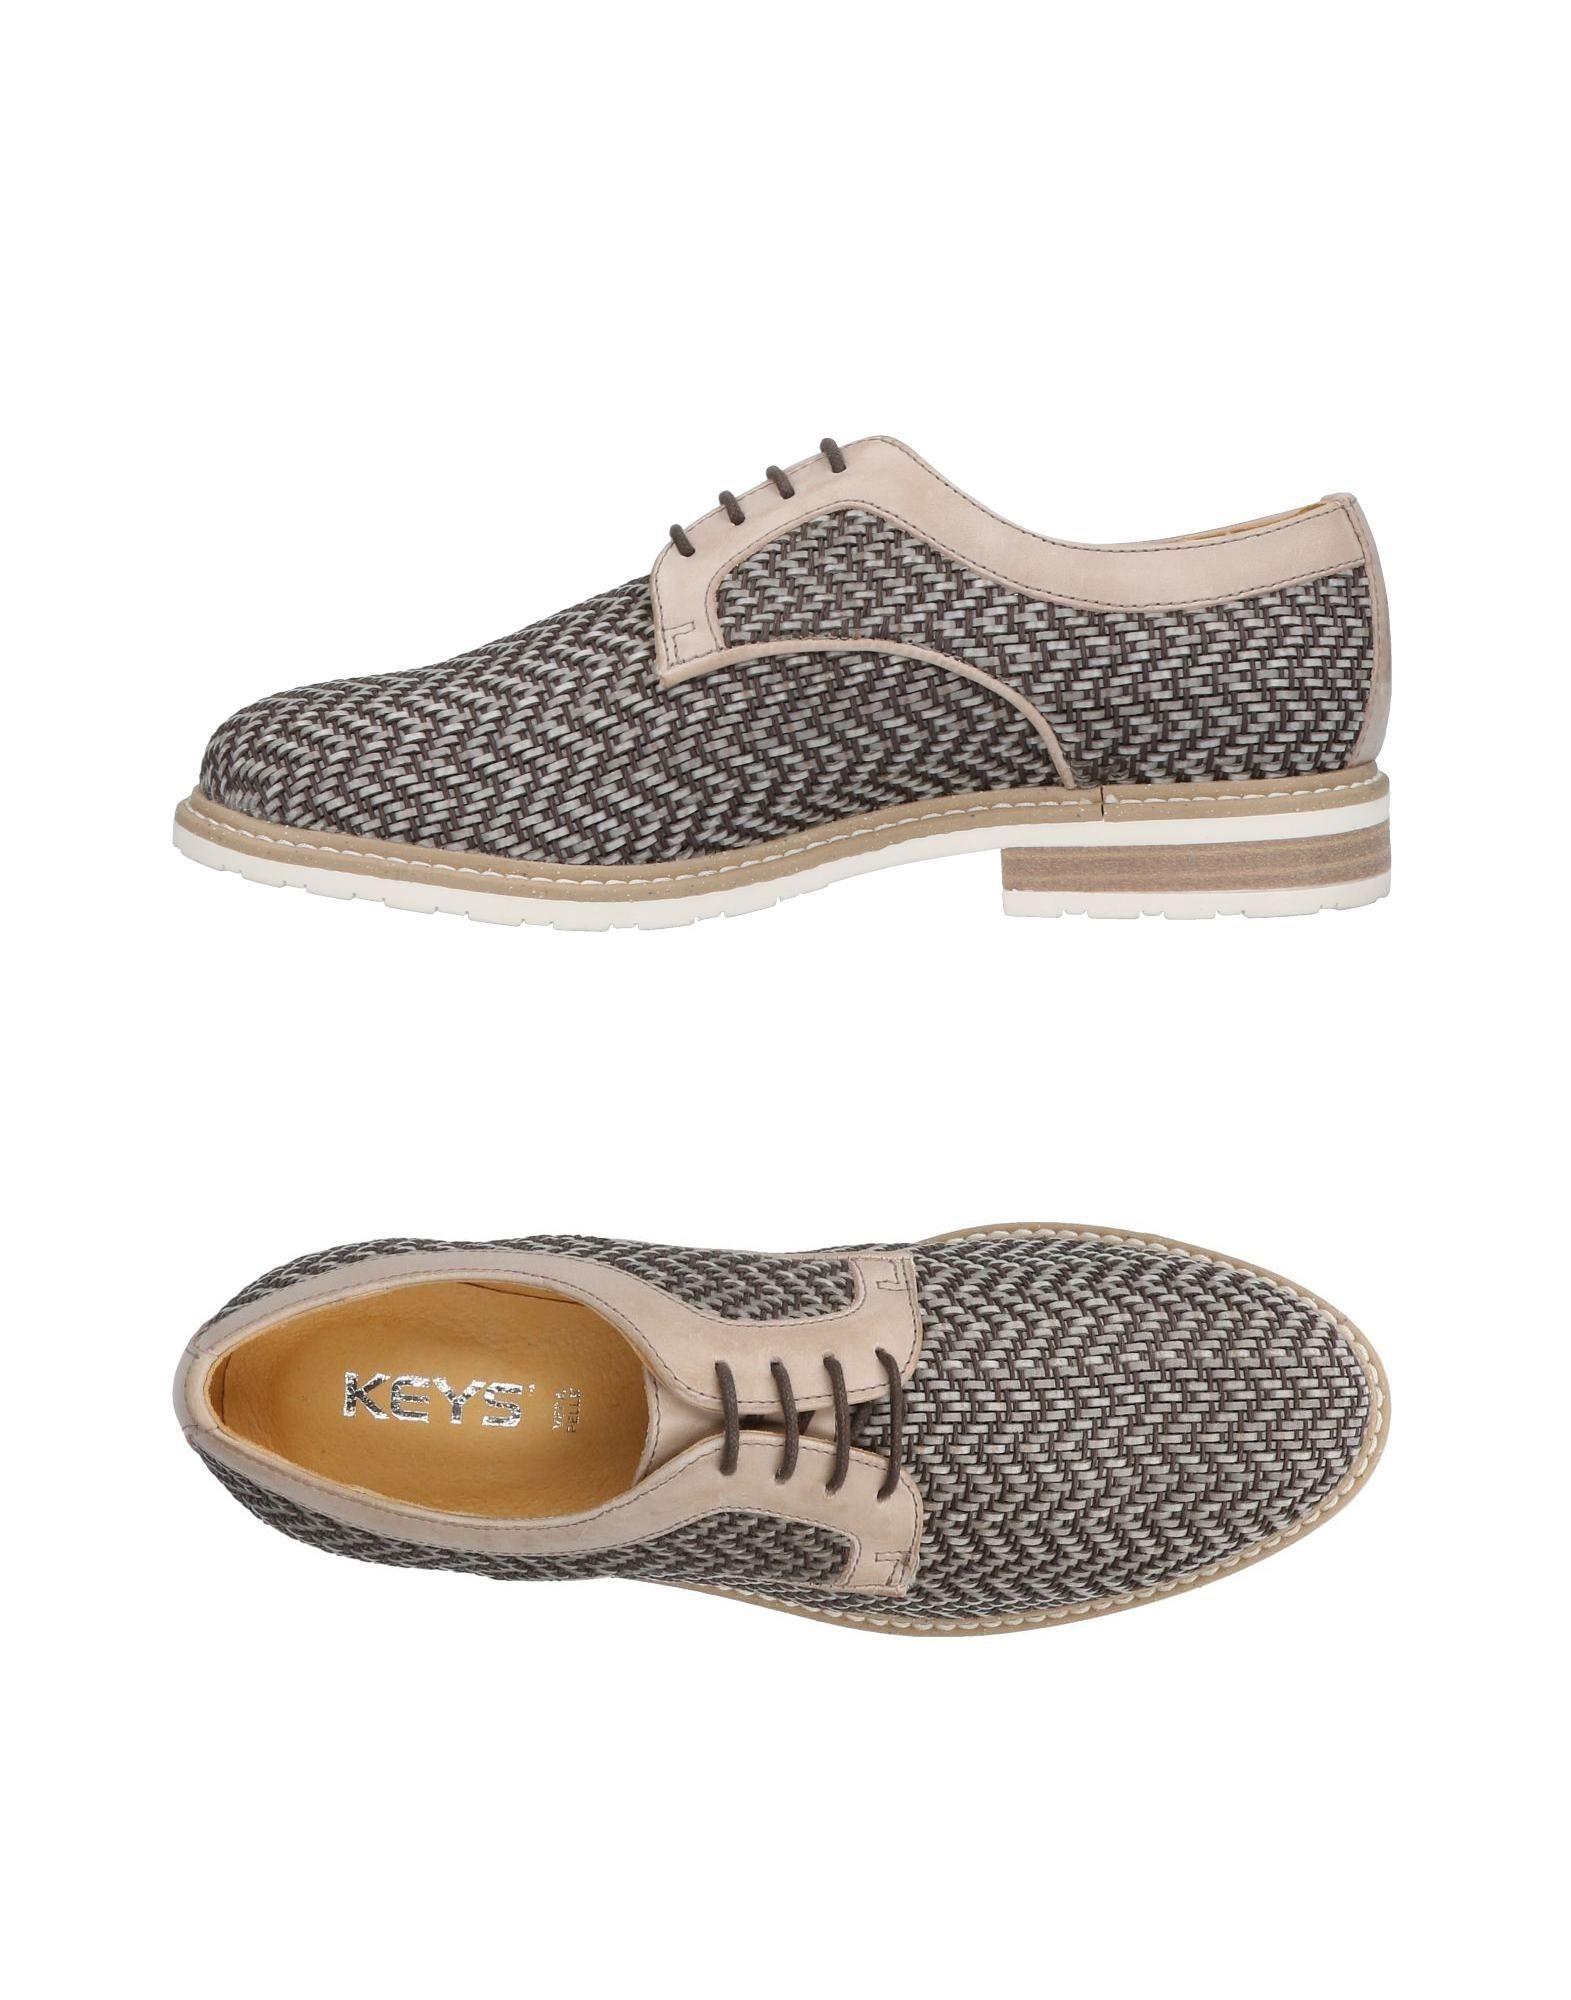 Keys Schnürschuhe Damen  11467730WC Gute Qualität beliebte Schuhe